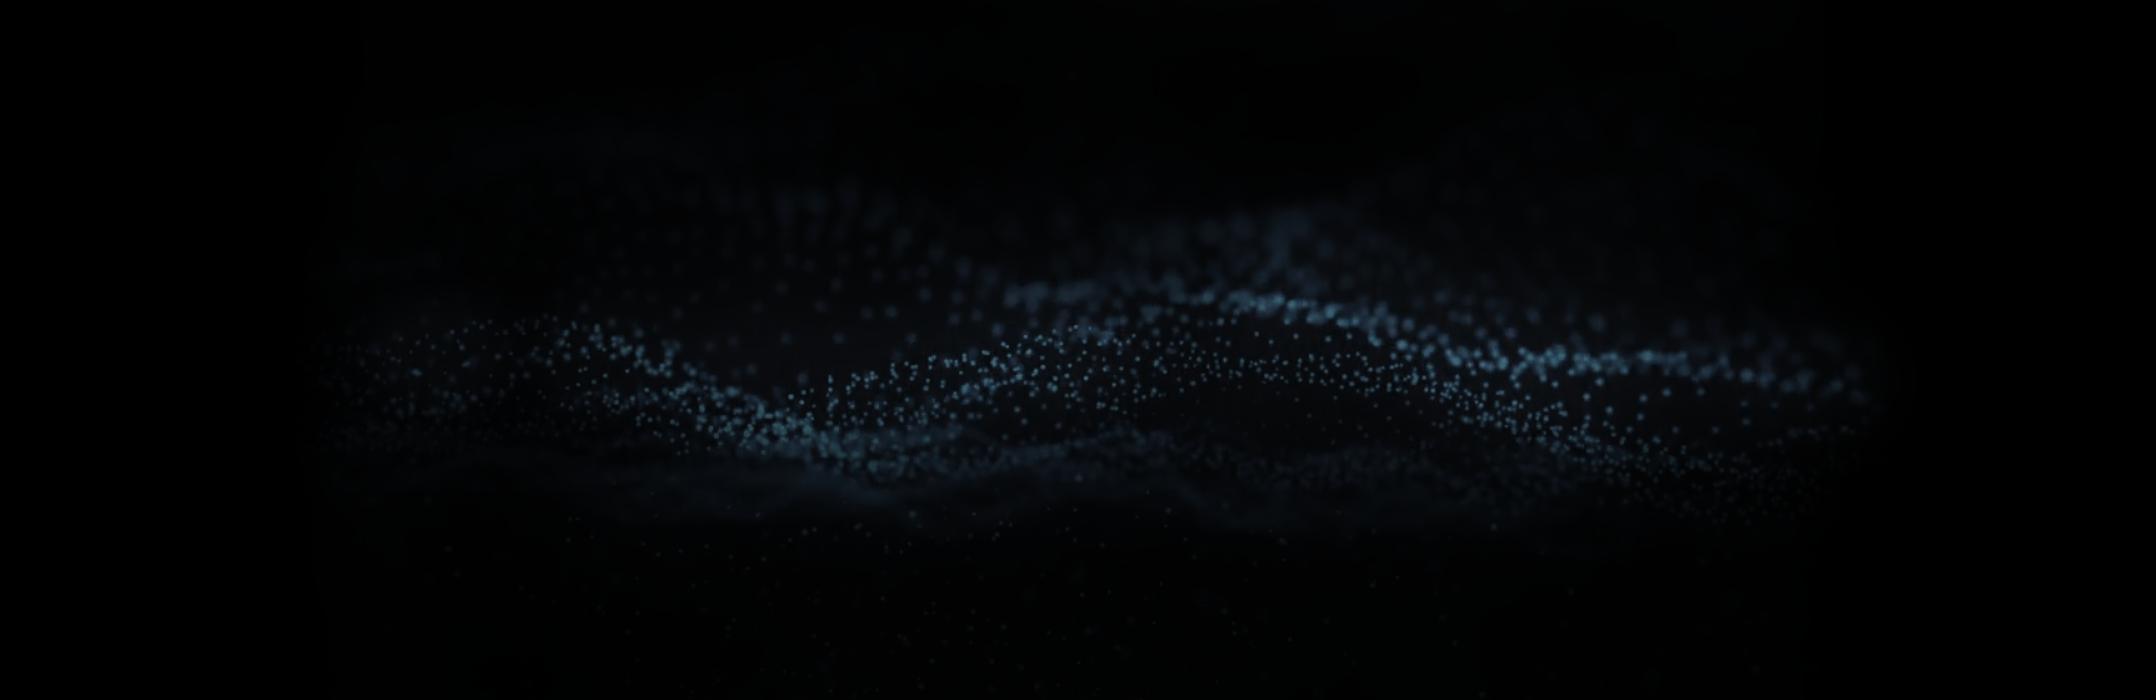 Home Background - dark